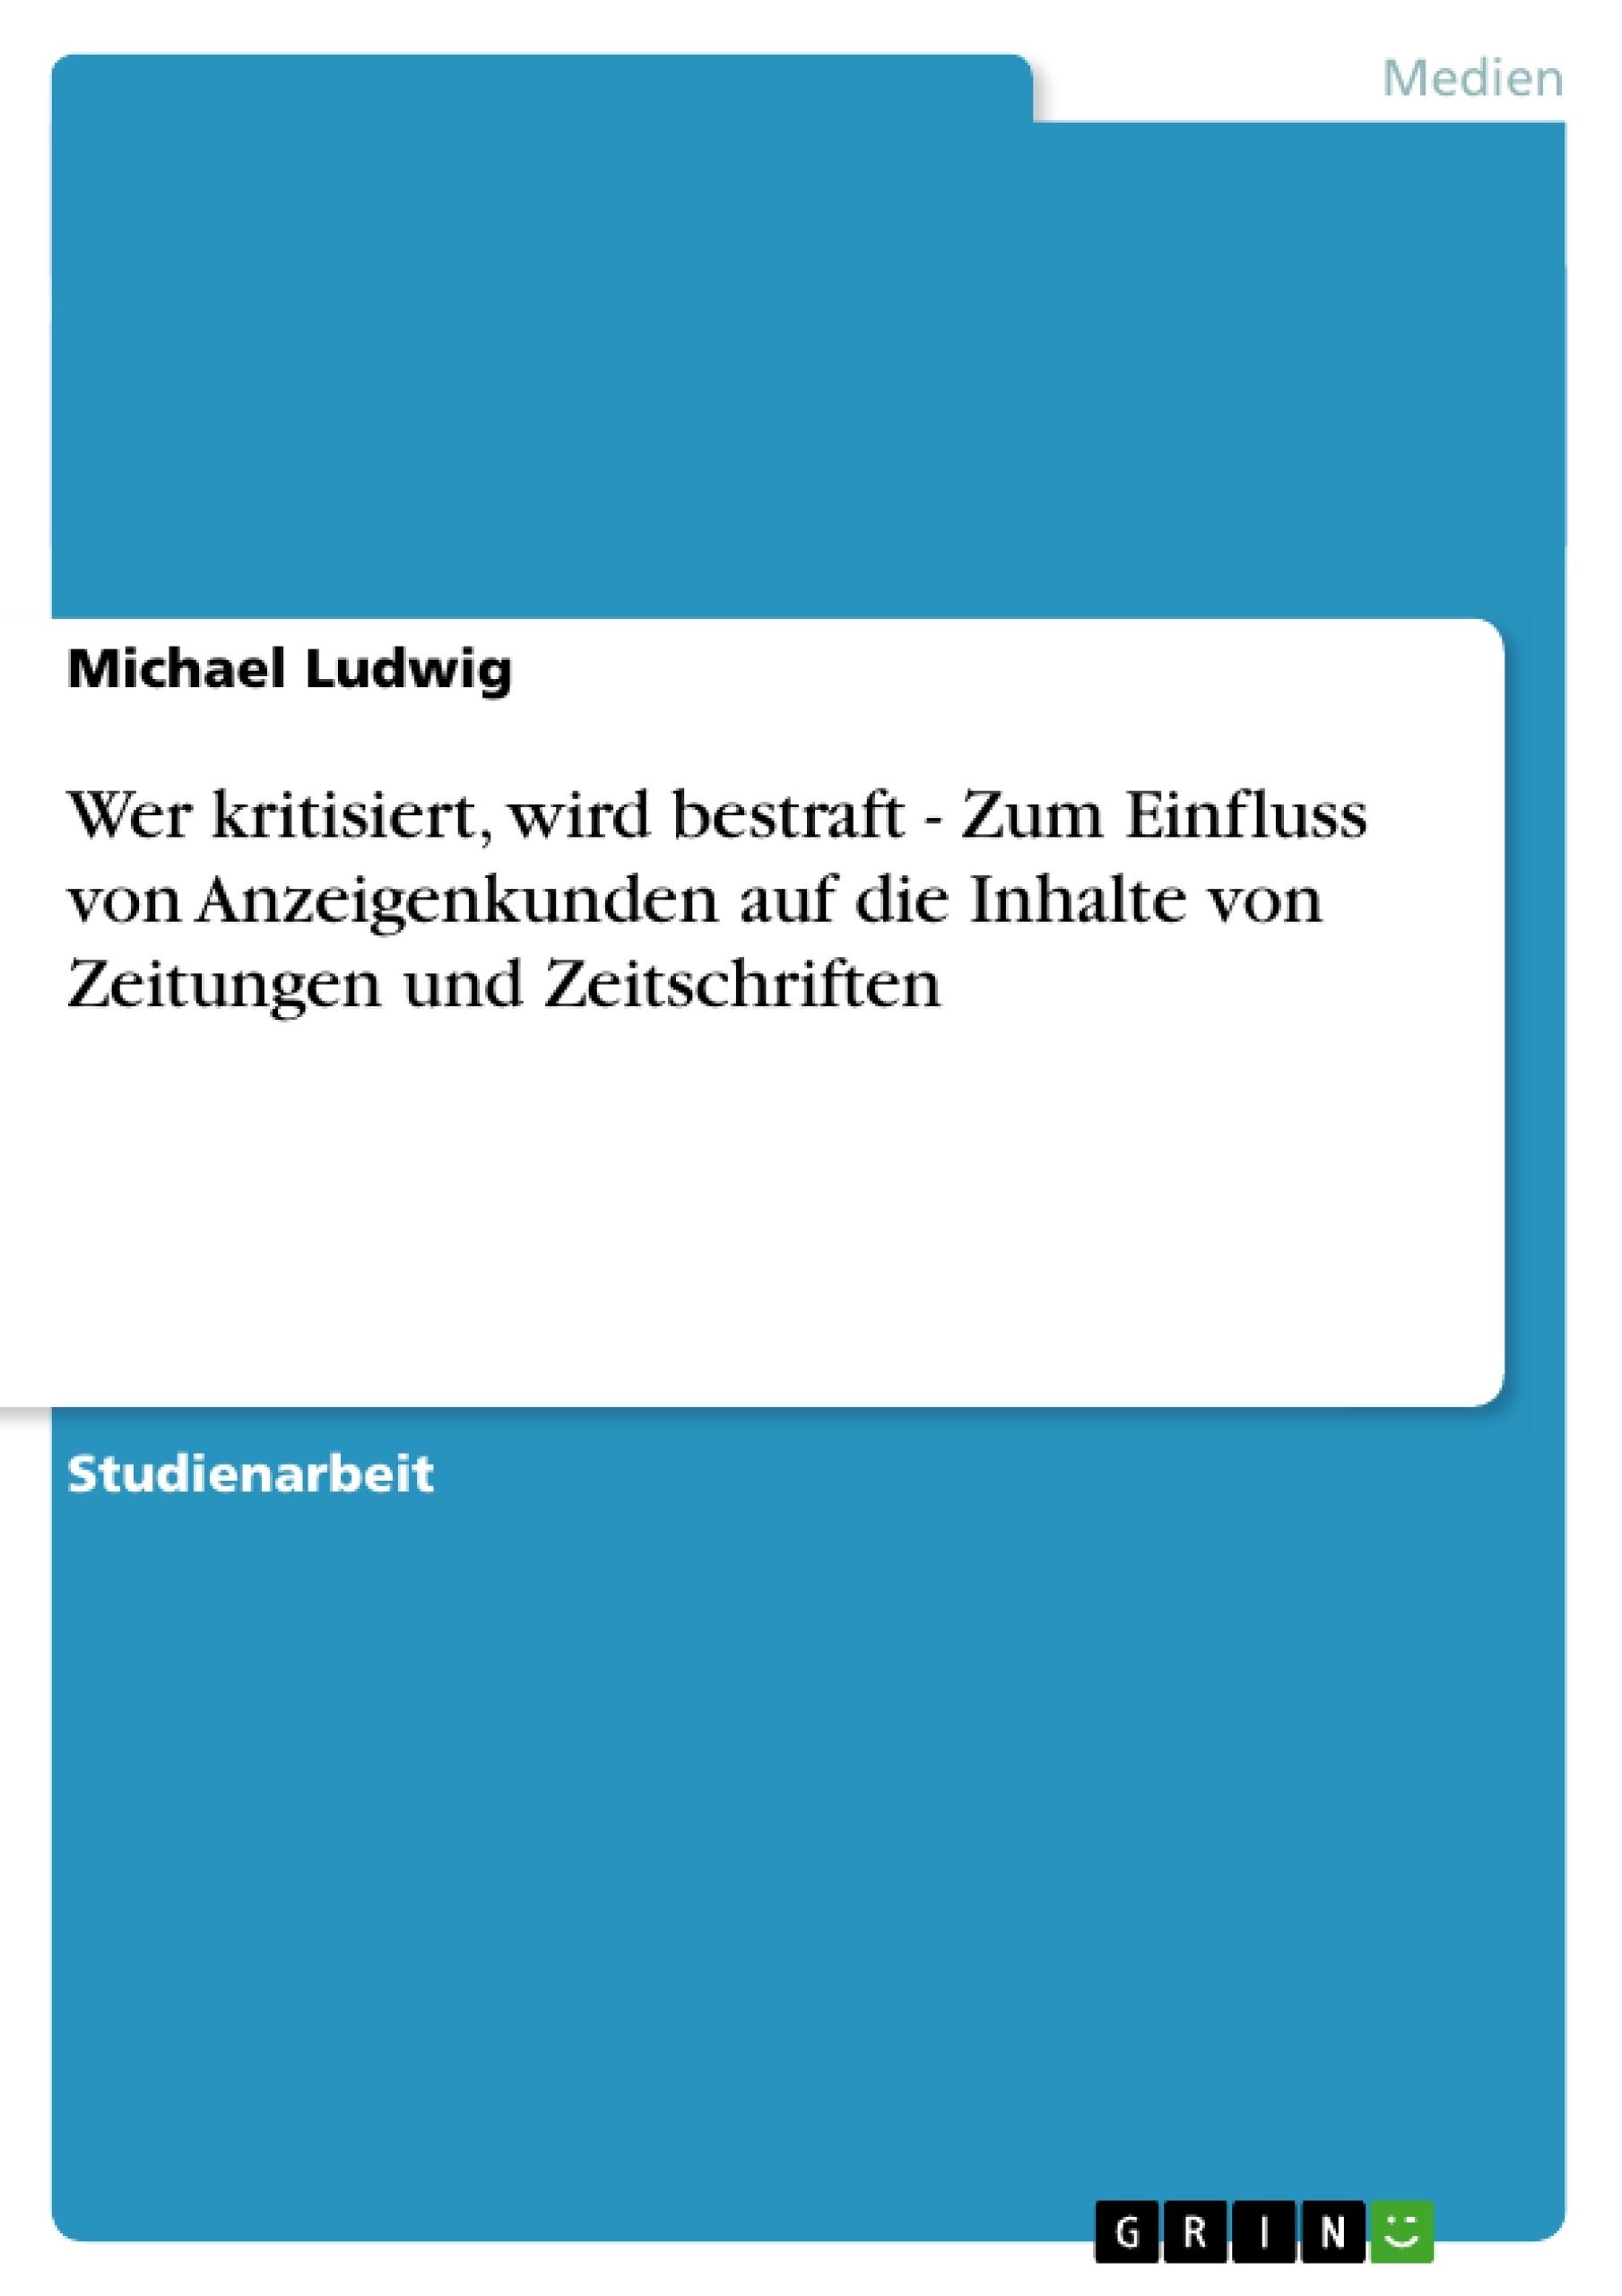 Titel: Wer kritisiert, wird bestraft - Zum Einfluss von Anzeigenkunden auf die Inhalte  von Zeitungen und Zeitschriften